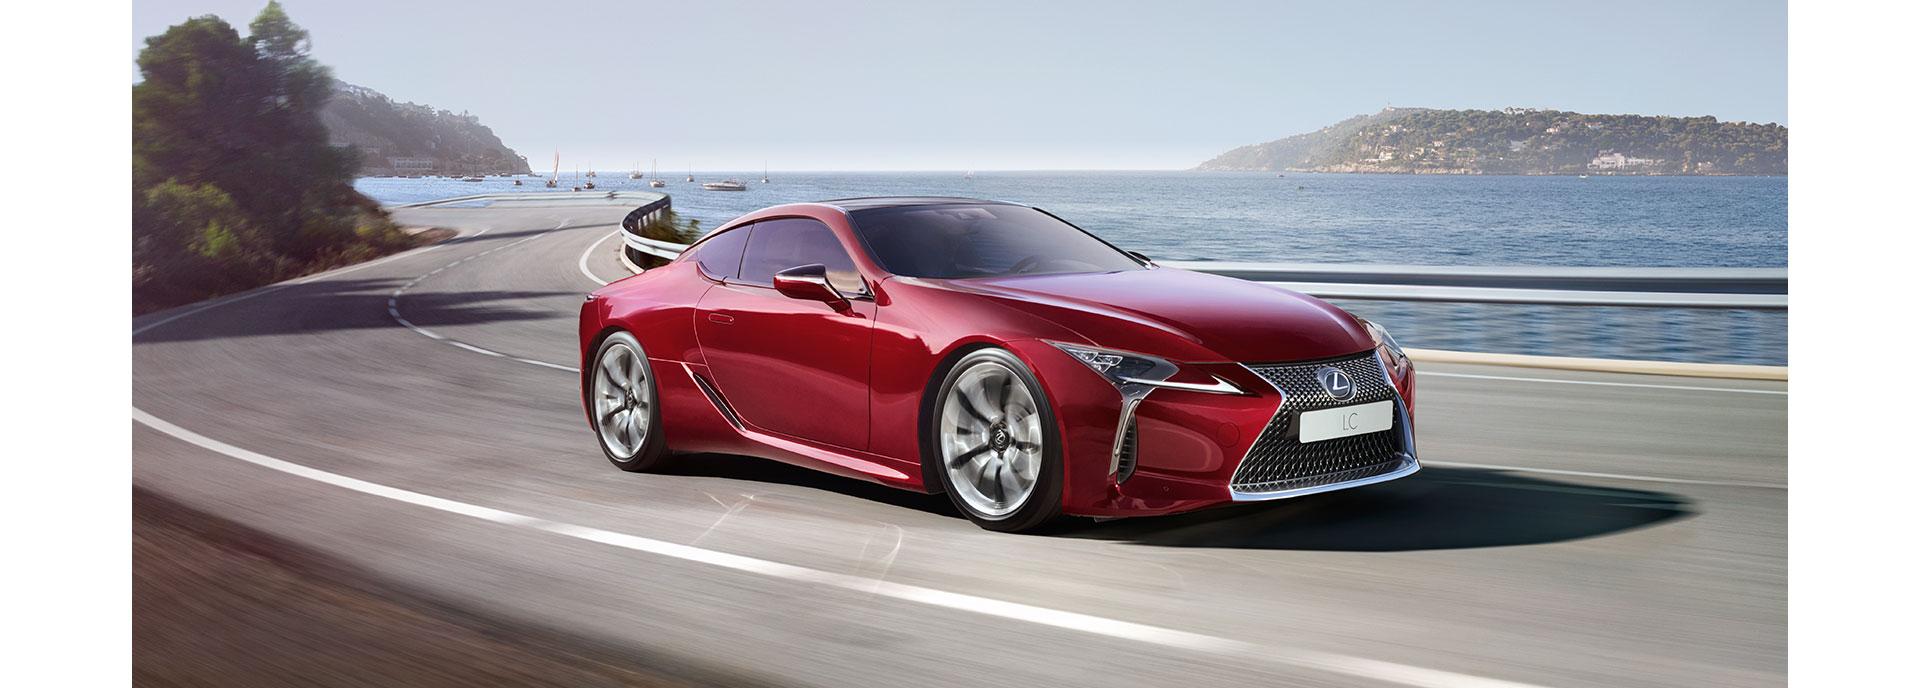 punainen Lexus LC 500